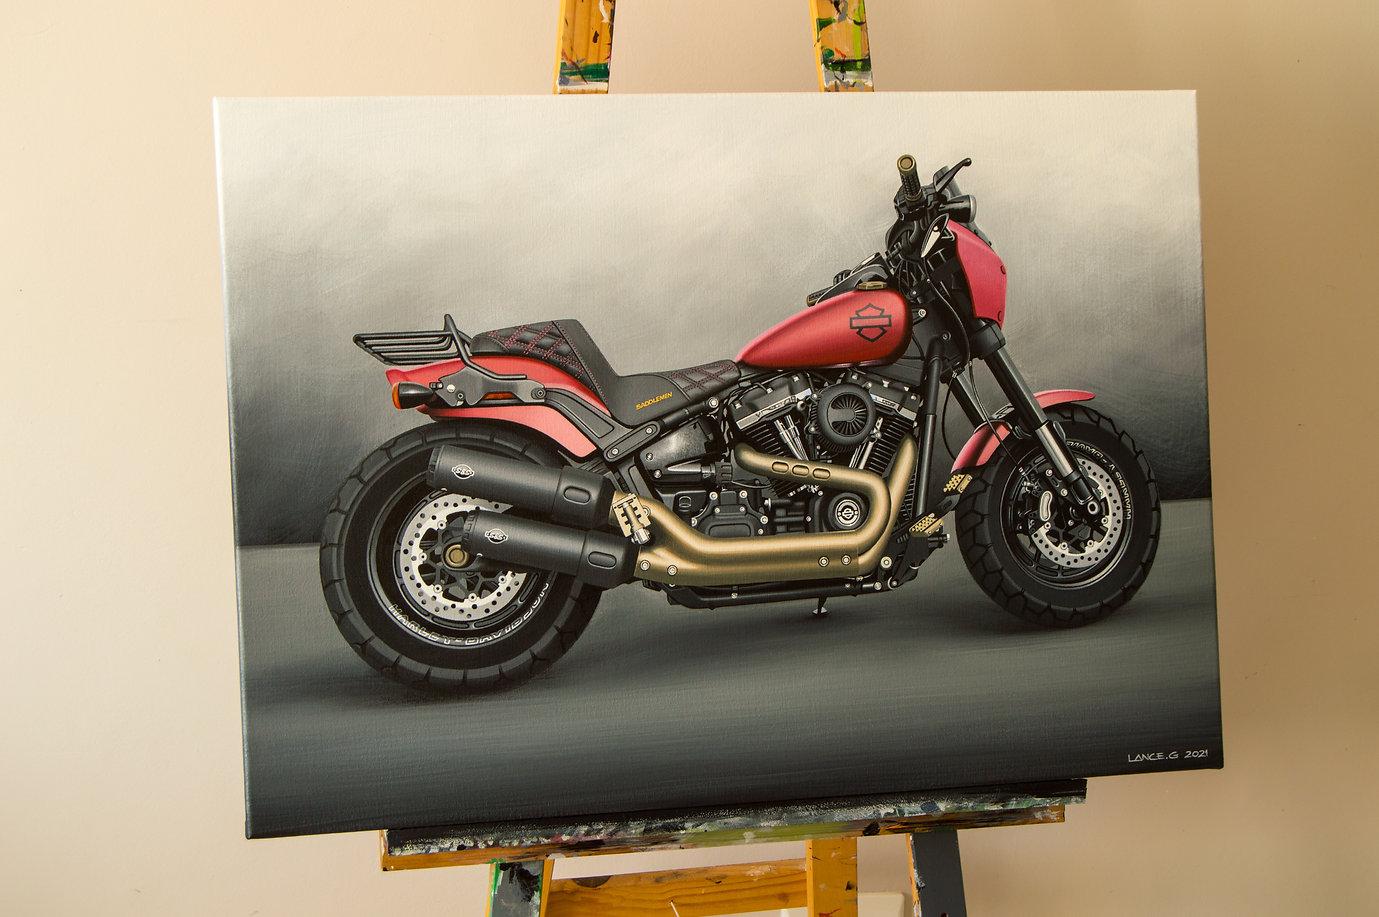 2019 Harley Davidson Fat Bob Artwork | A